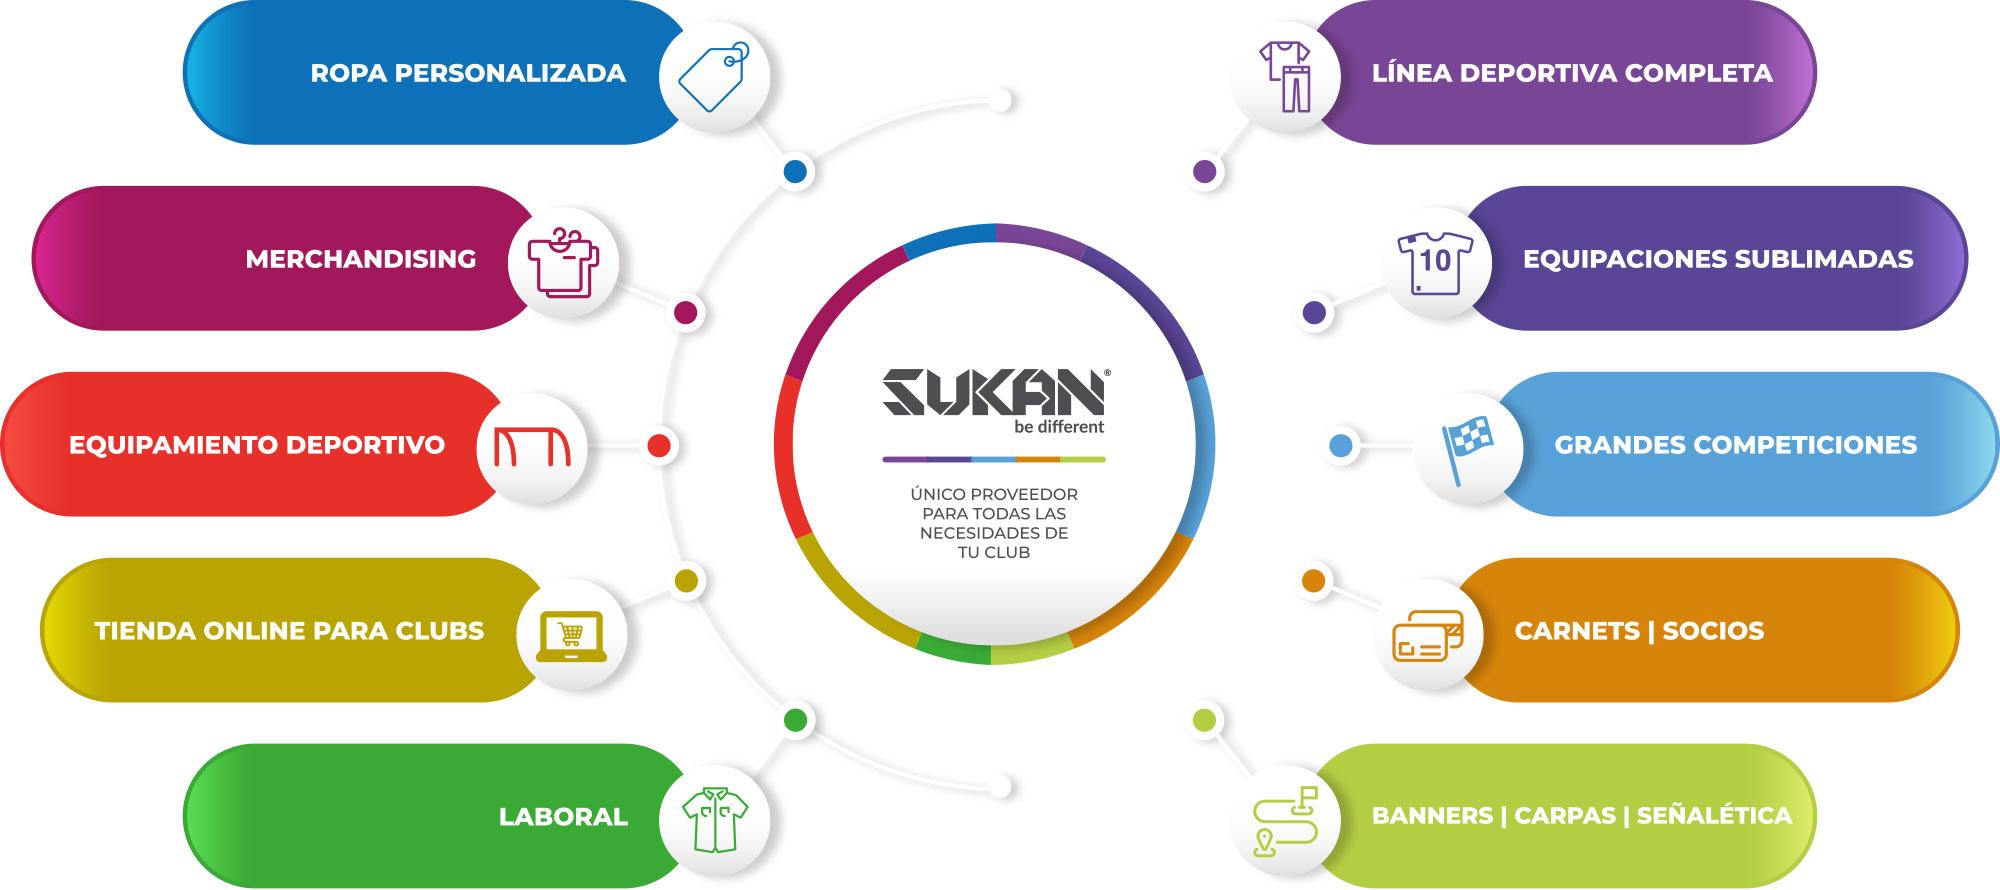 sobre_nosotros_sukan.jpg